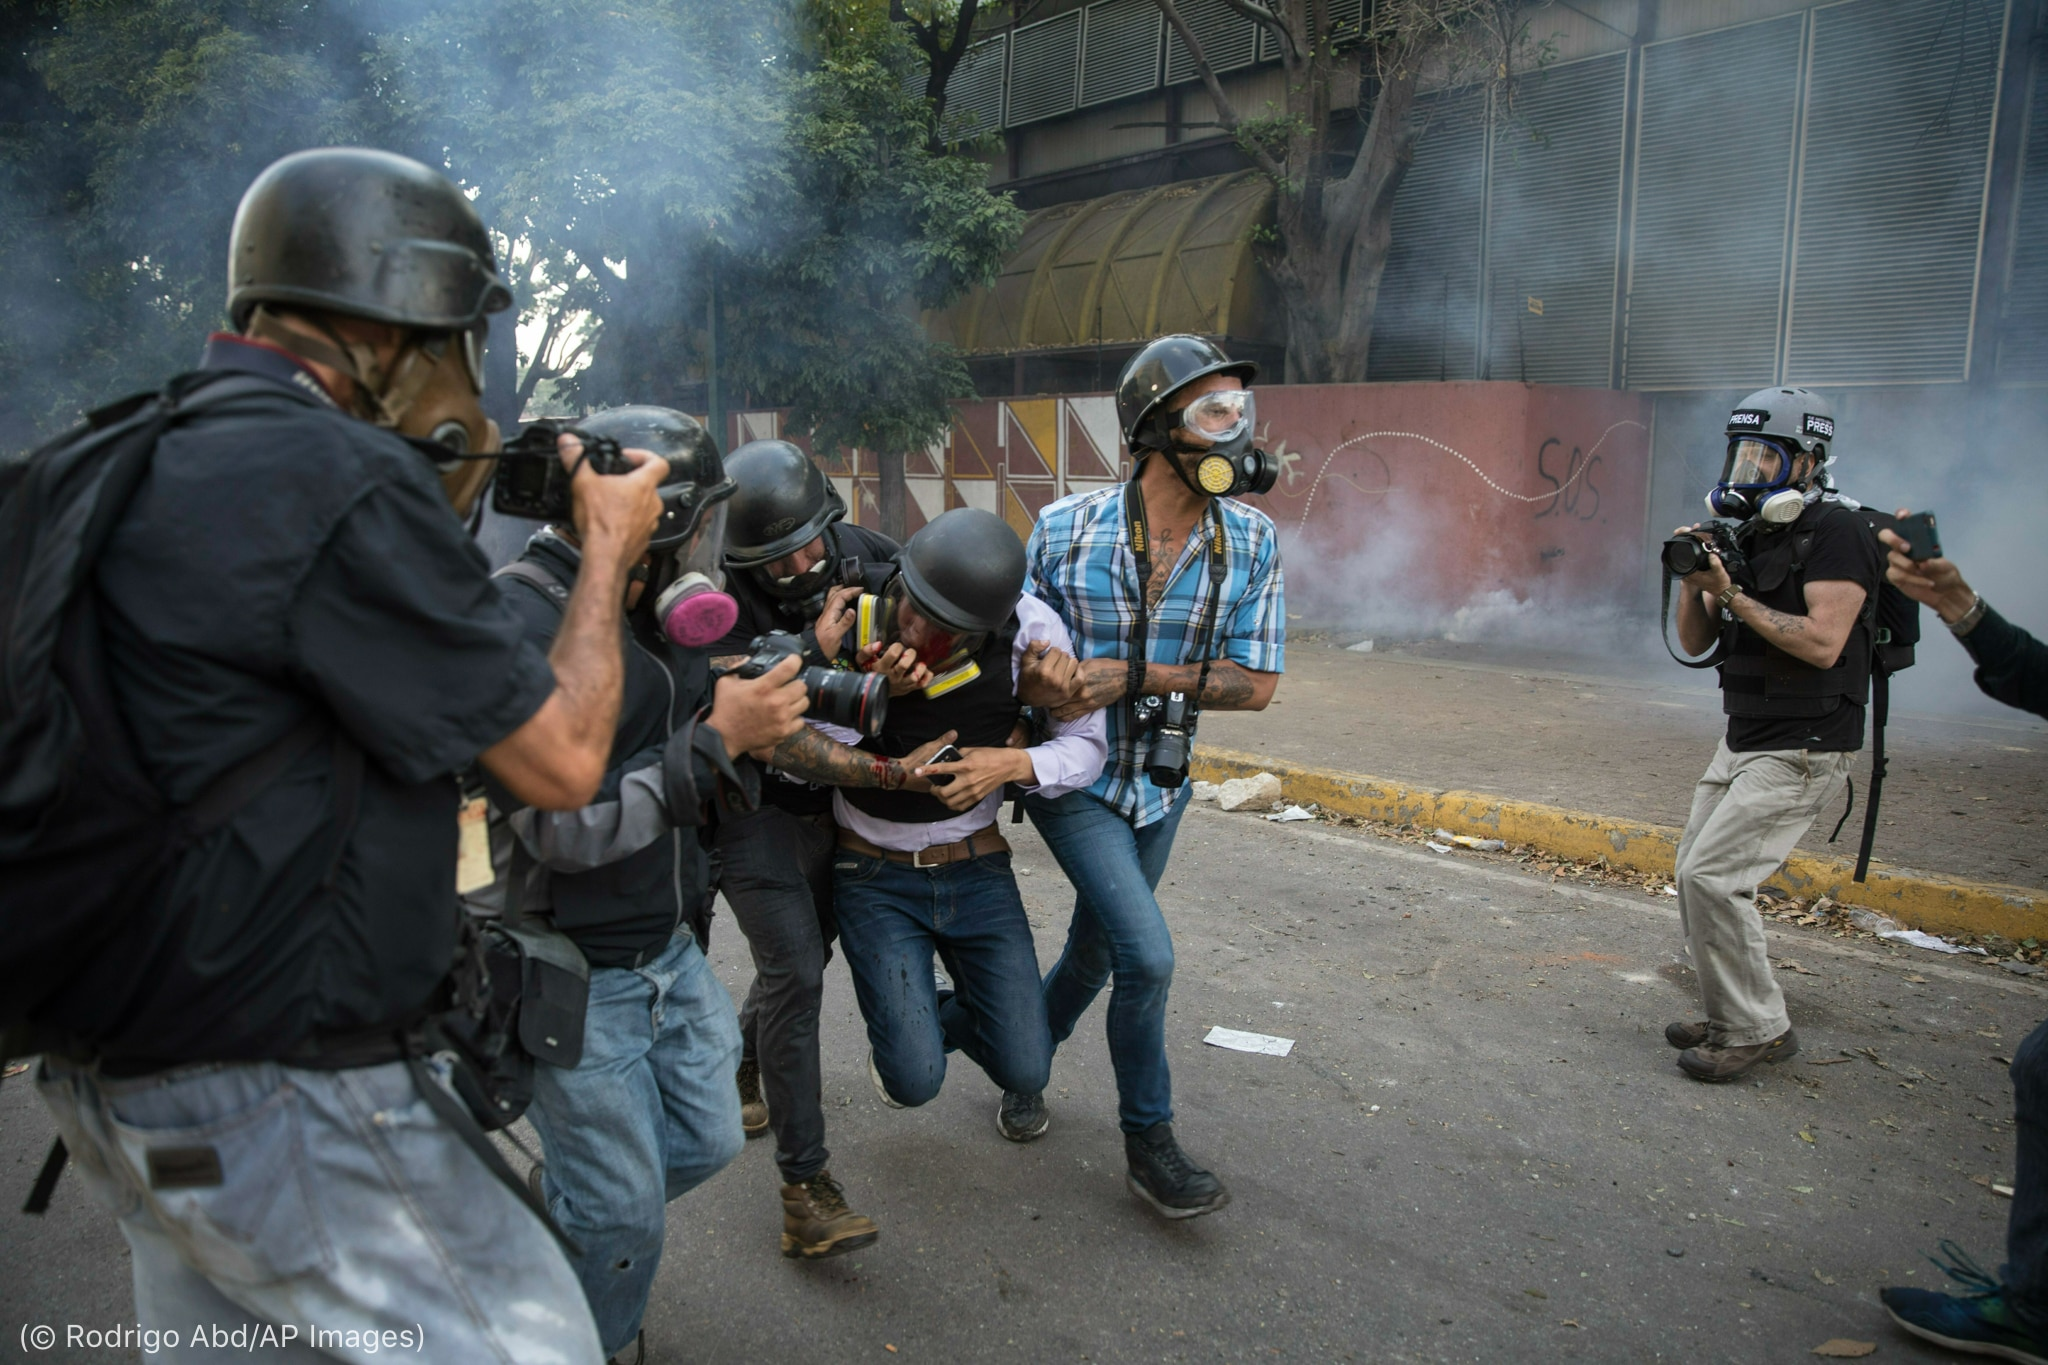 Des photographes équipés de casques et de masques à gaz portant un collègue blessé (© Rodrigo Abd/AP Images)